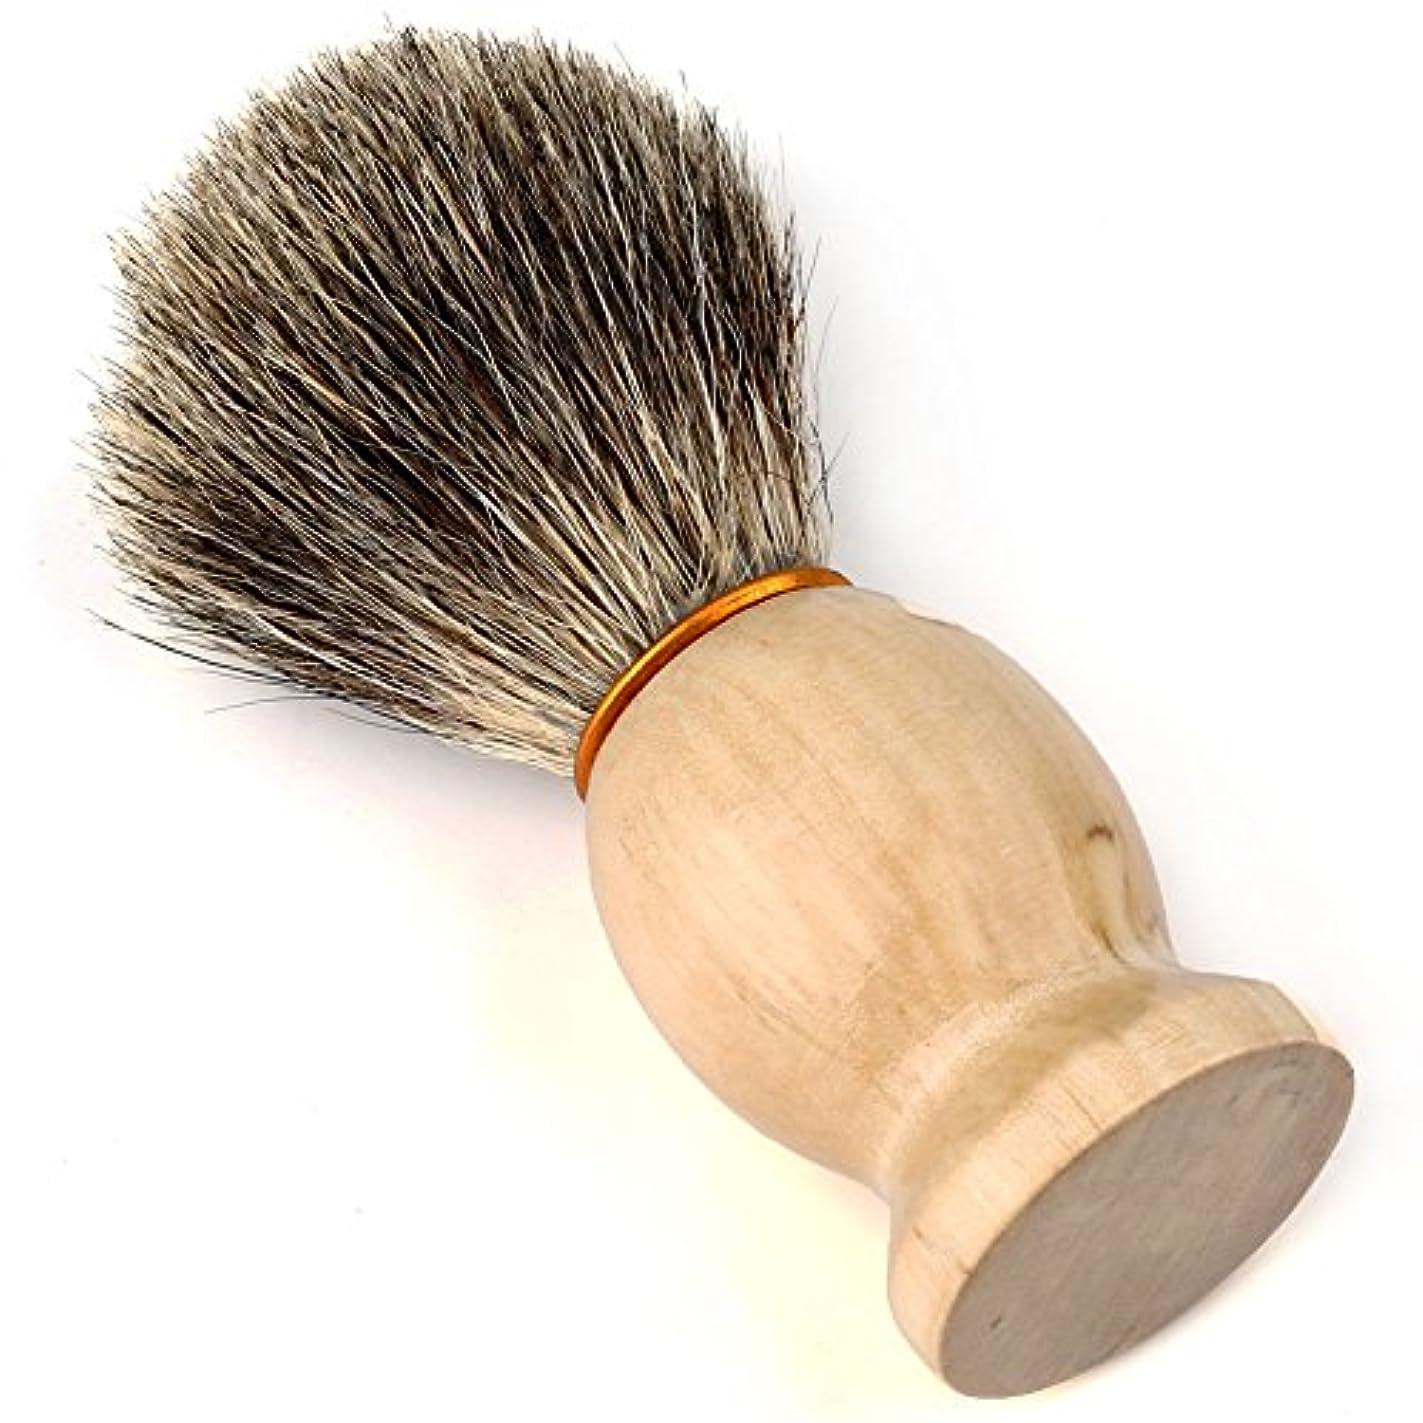 考古学的な州地理Easy Raku®ひげブラシ シェービングブラシ アナグマ毛 髭剃り 泡立ち メンズ シェービングブラシ(ブラシだけ)